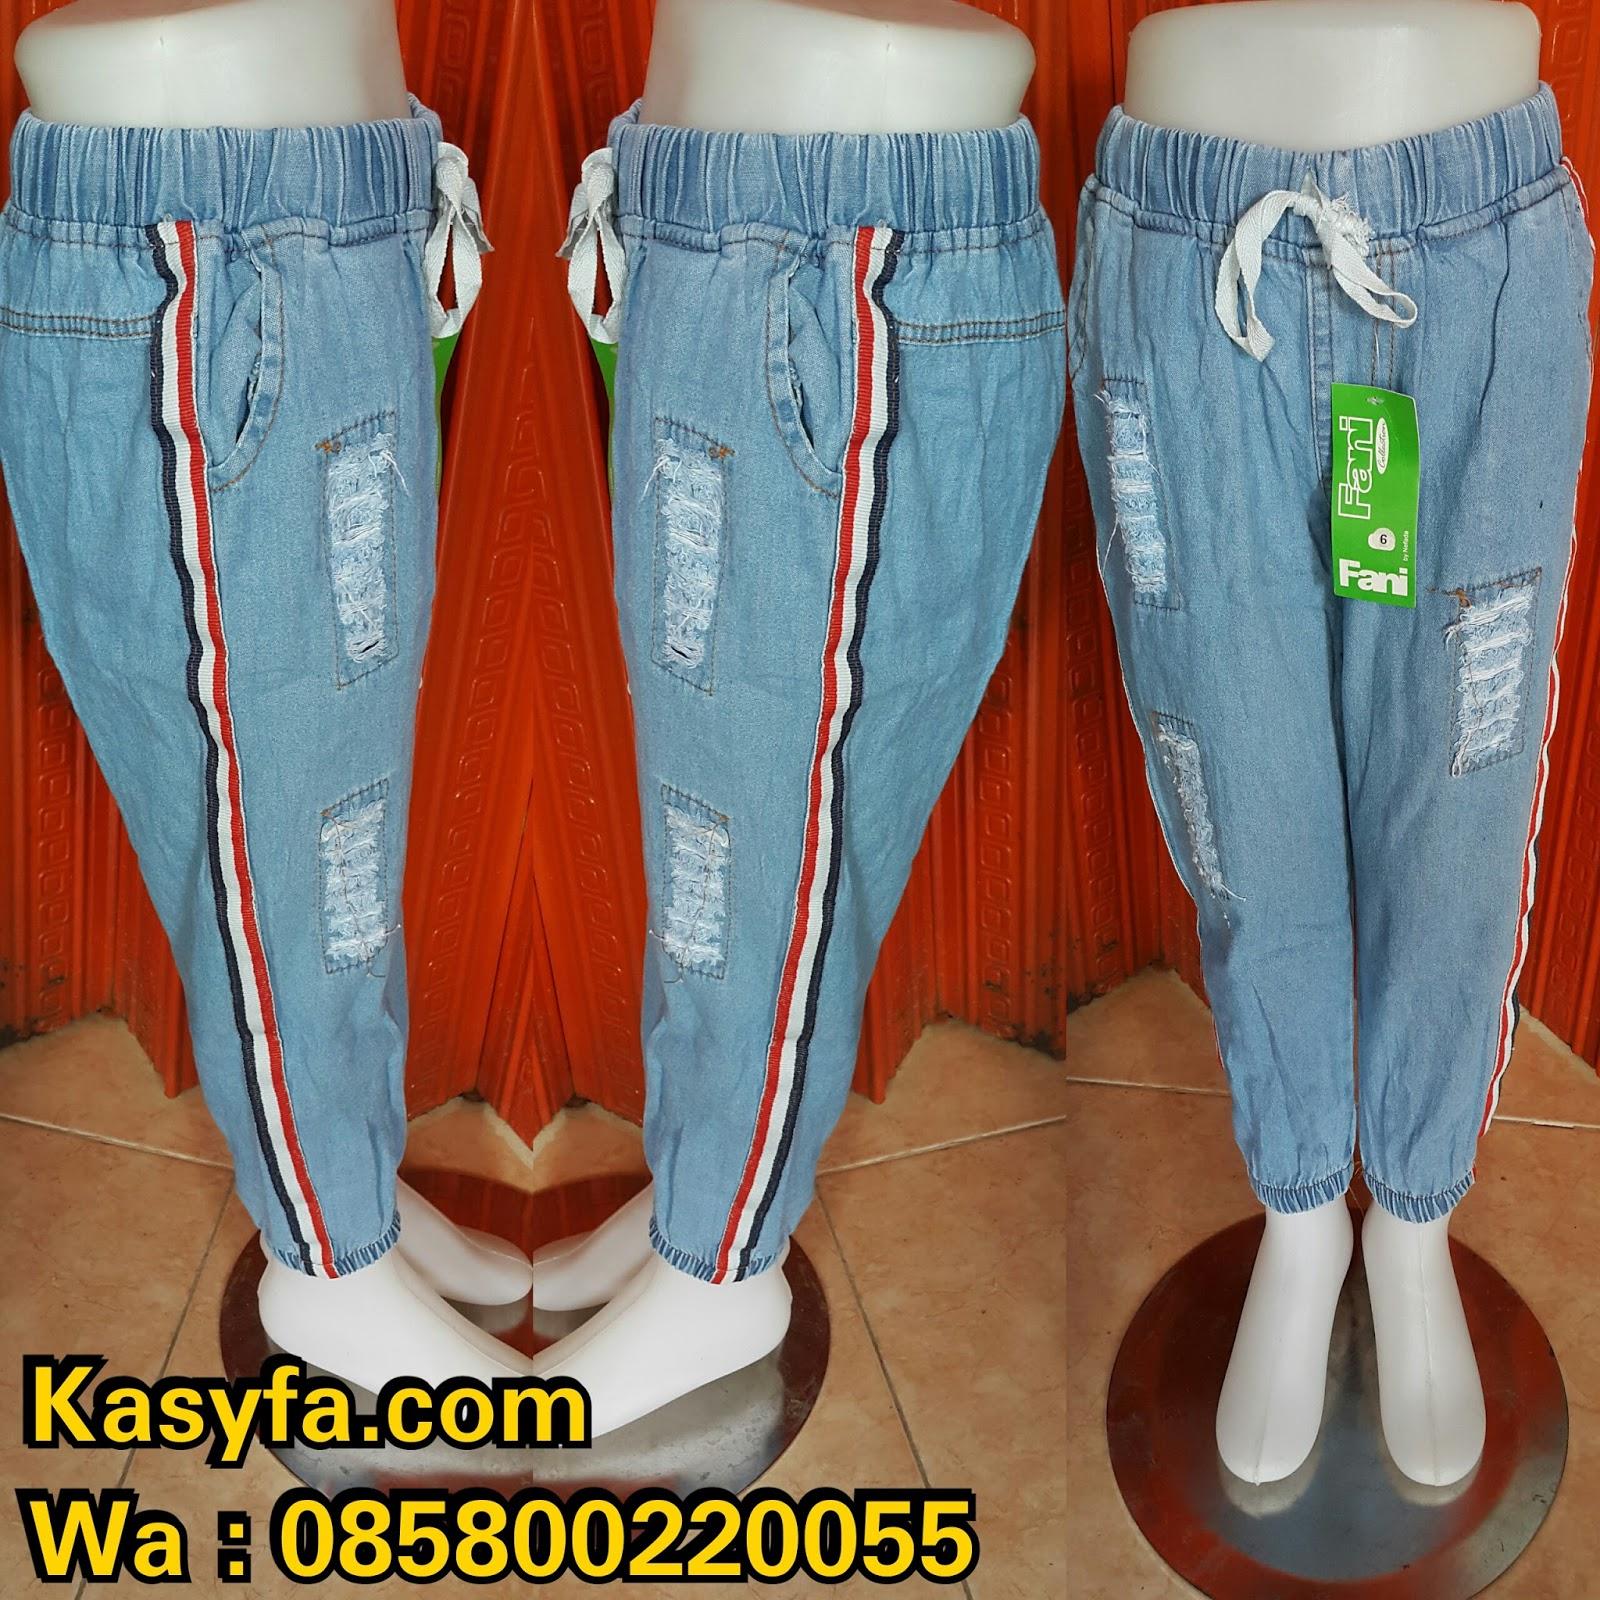 Jual Celana Panjang Anak Jeans Terbaru Dan Berkualitas Jogger Murah